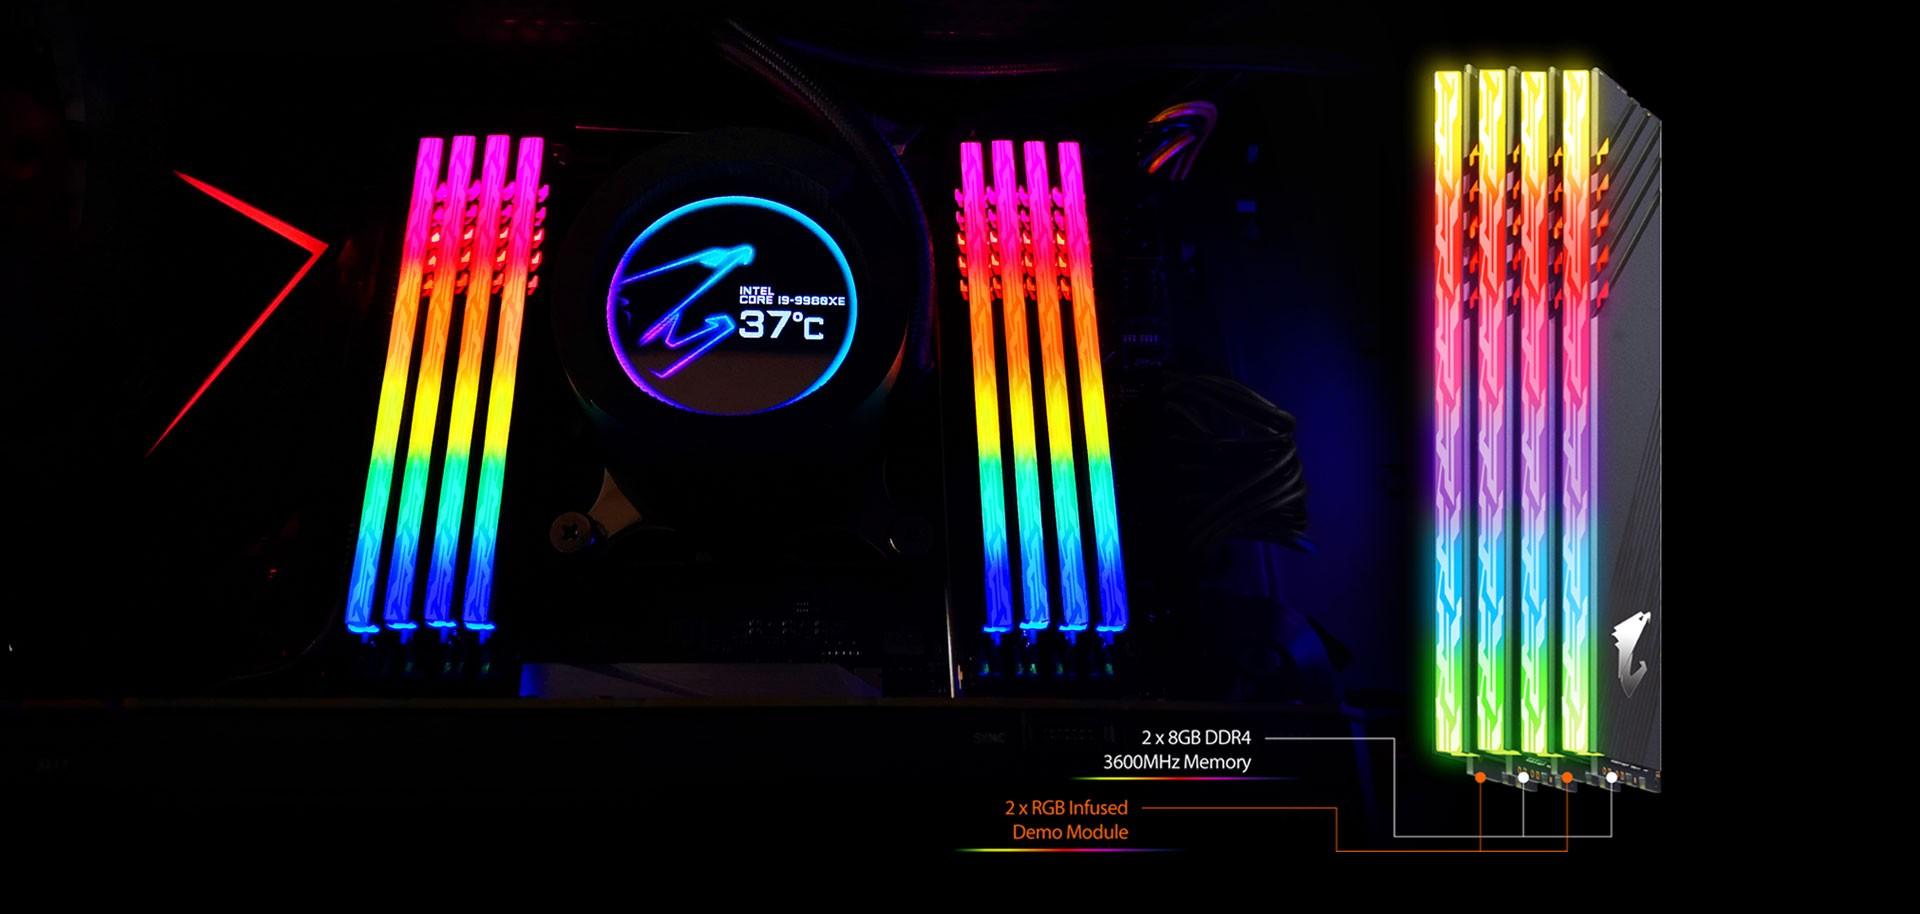 MÔ-ĐUN DEMO ĐƯỢC TRUYỀN RGB ĐẦU TIÊN